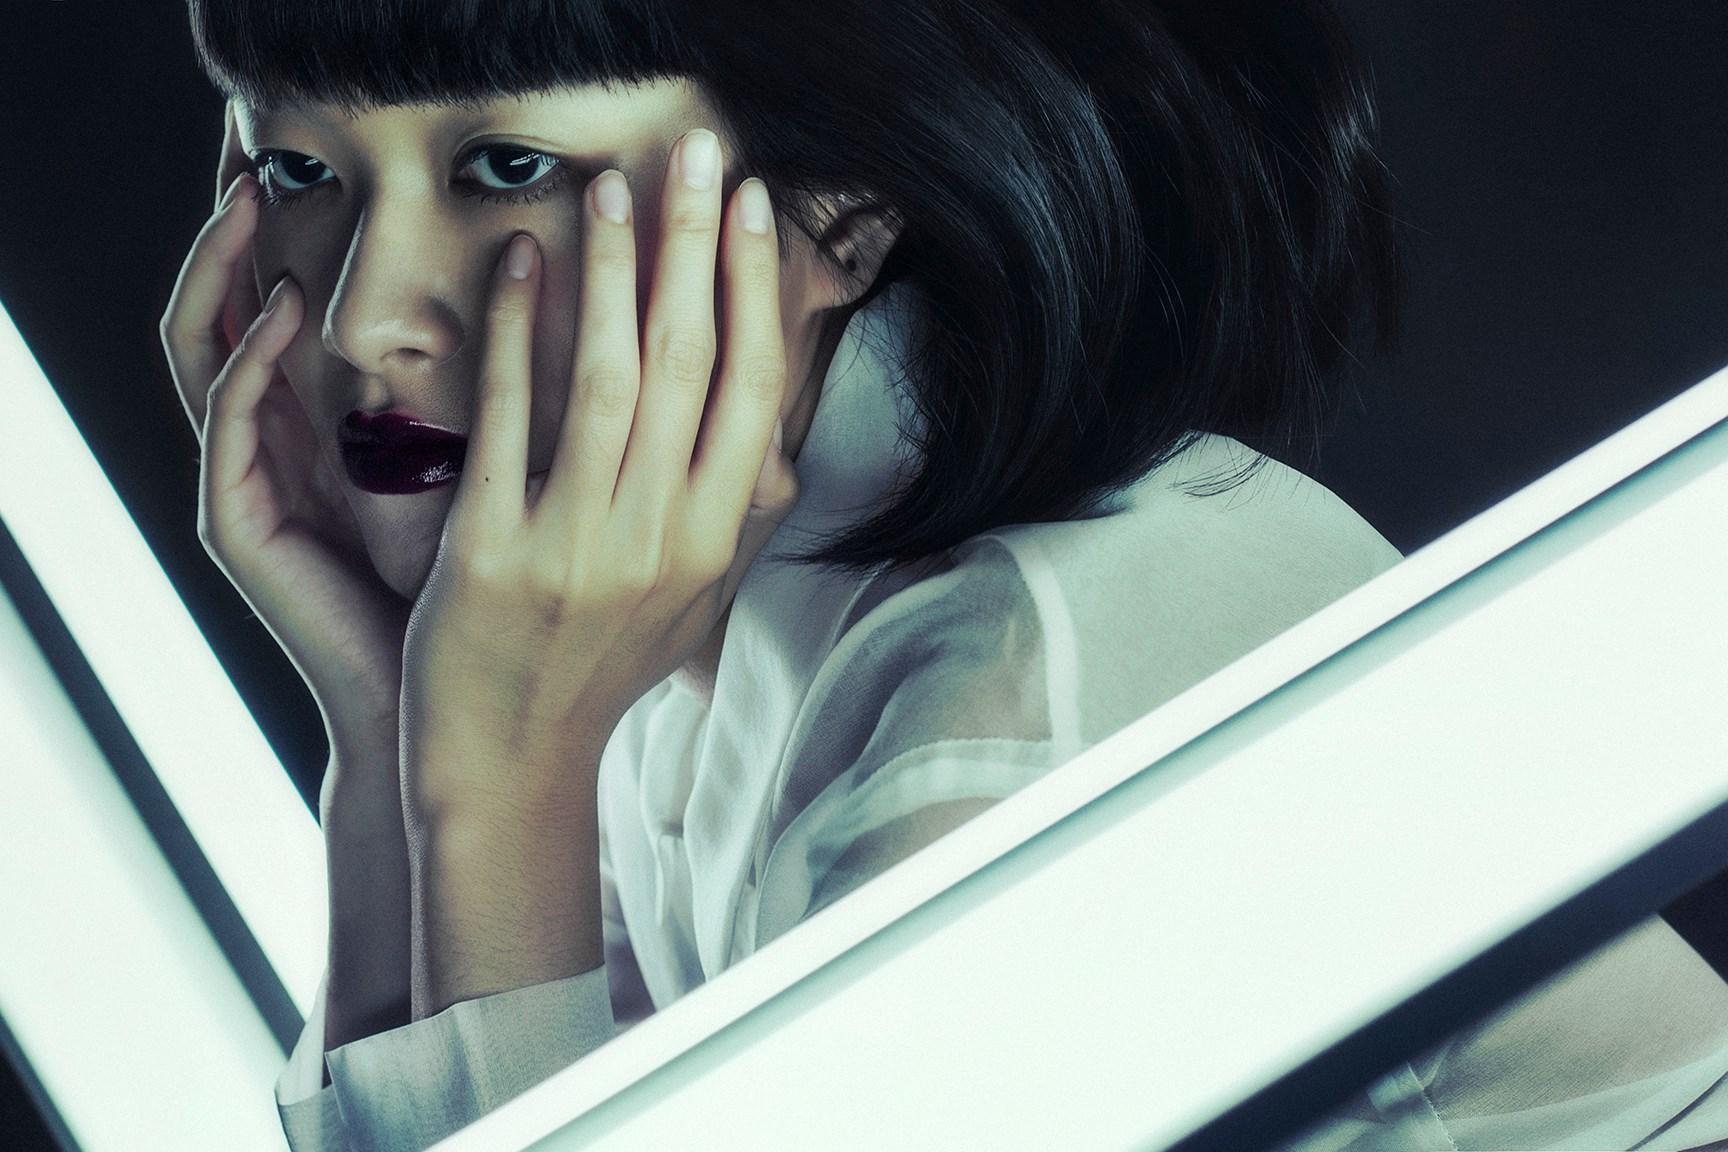 攝影師:楊芷涵